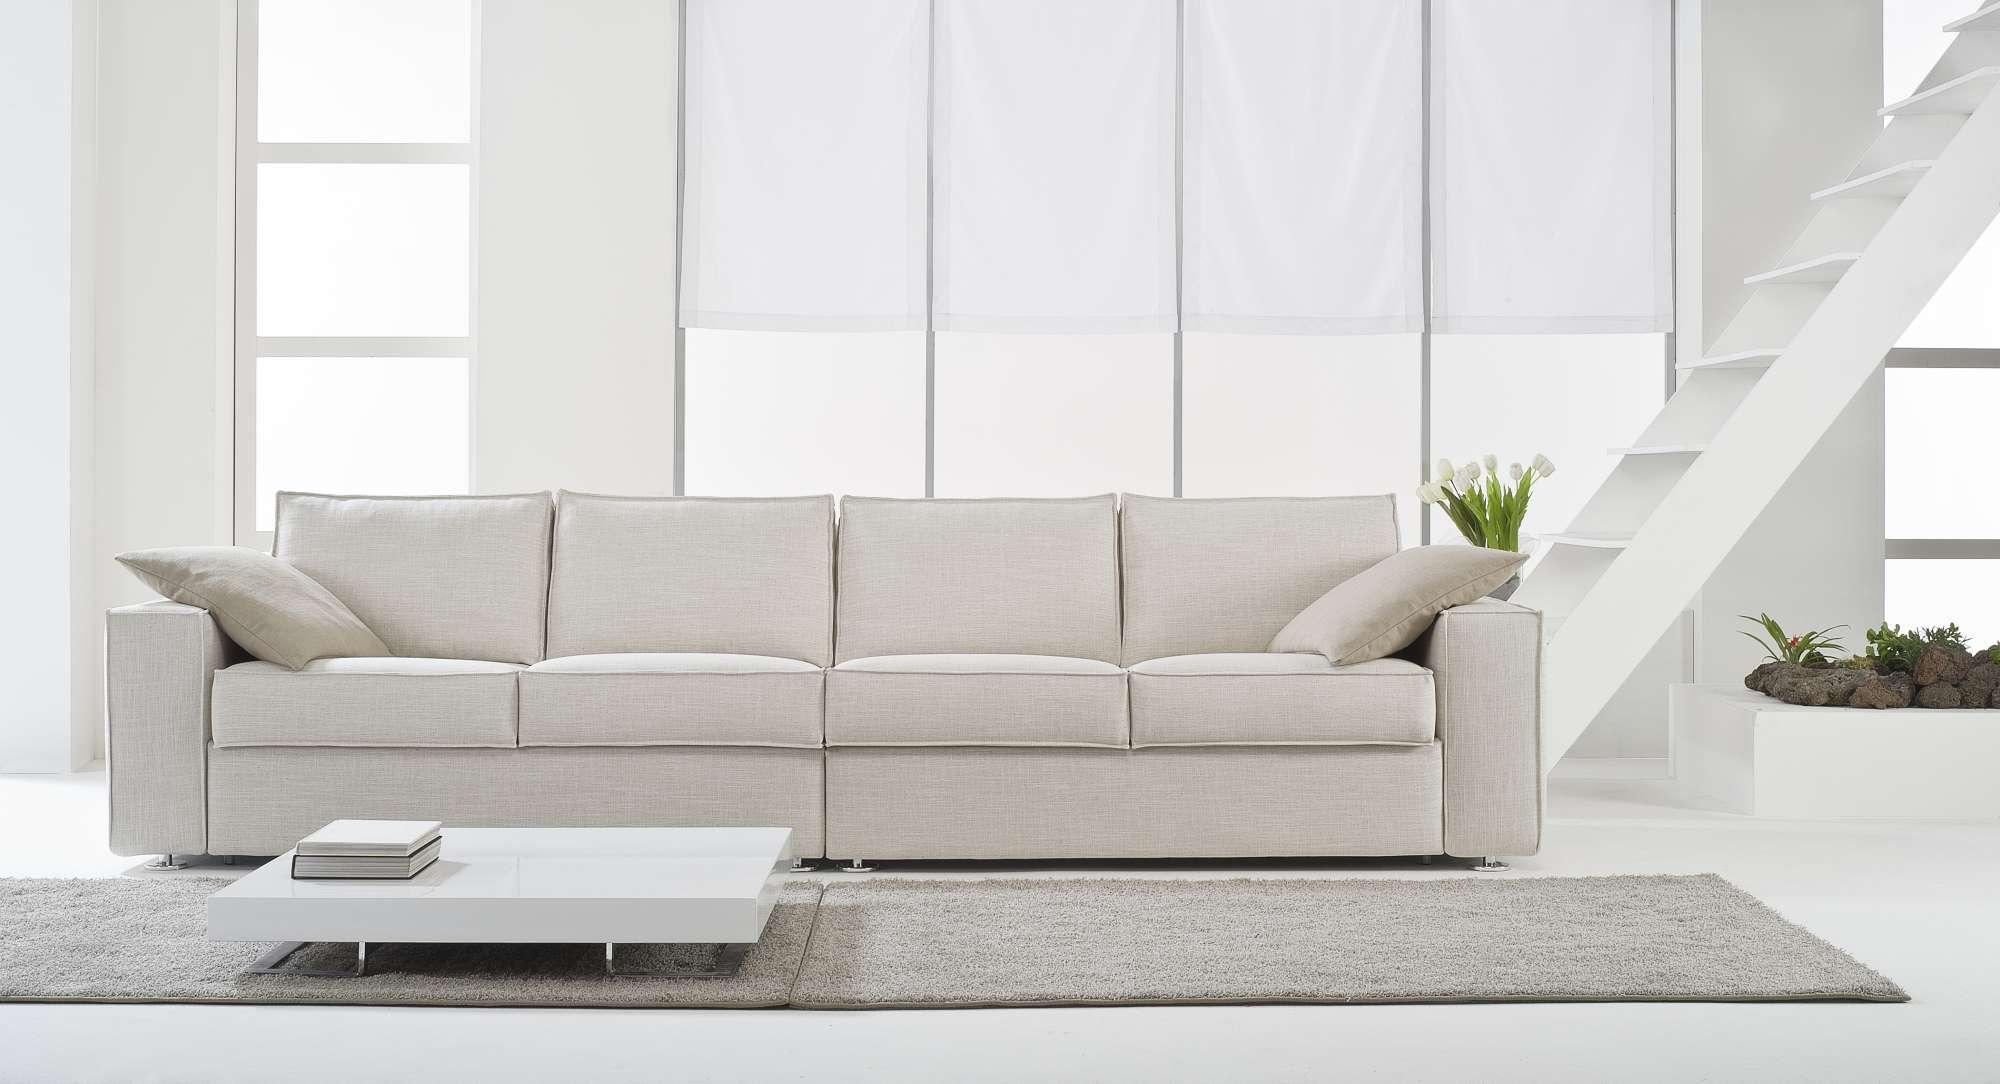 Shabby camera disegno da letto - Roche bobois divani prezzi ...